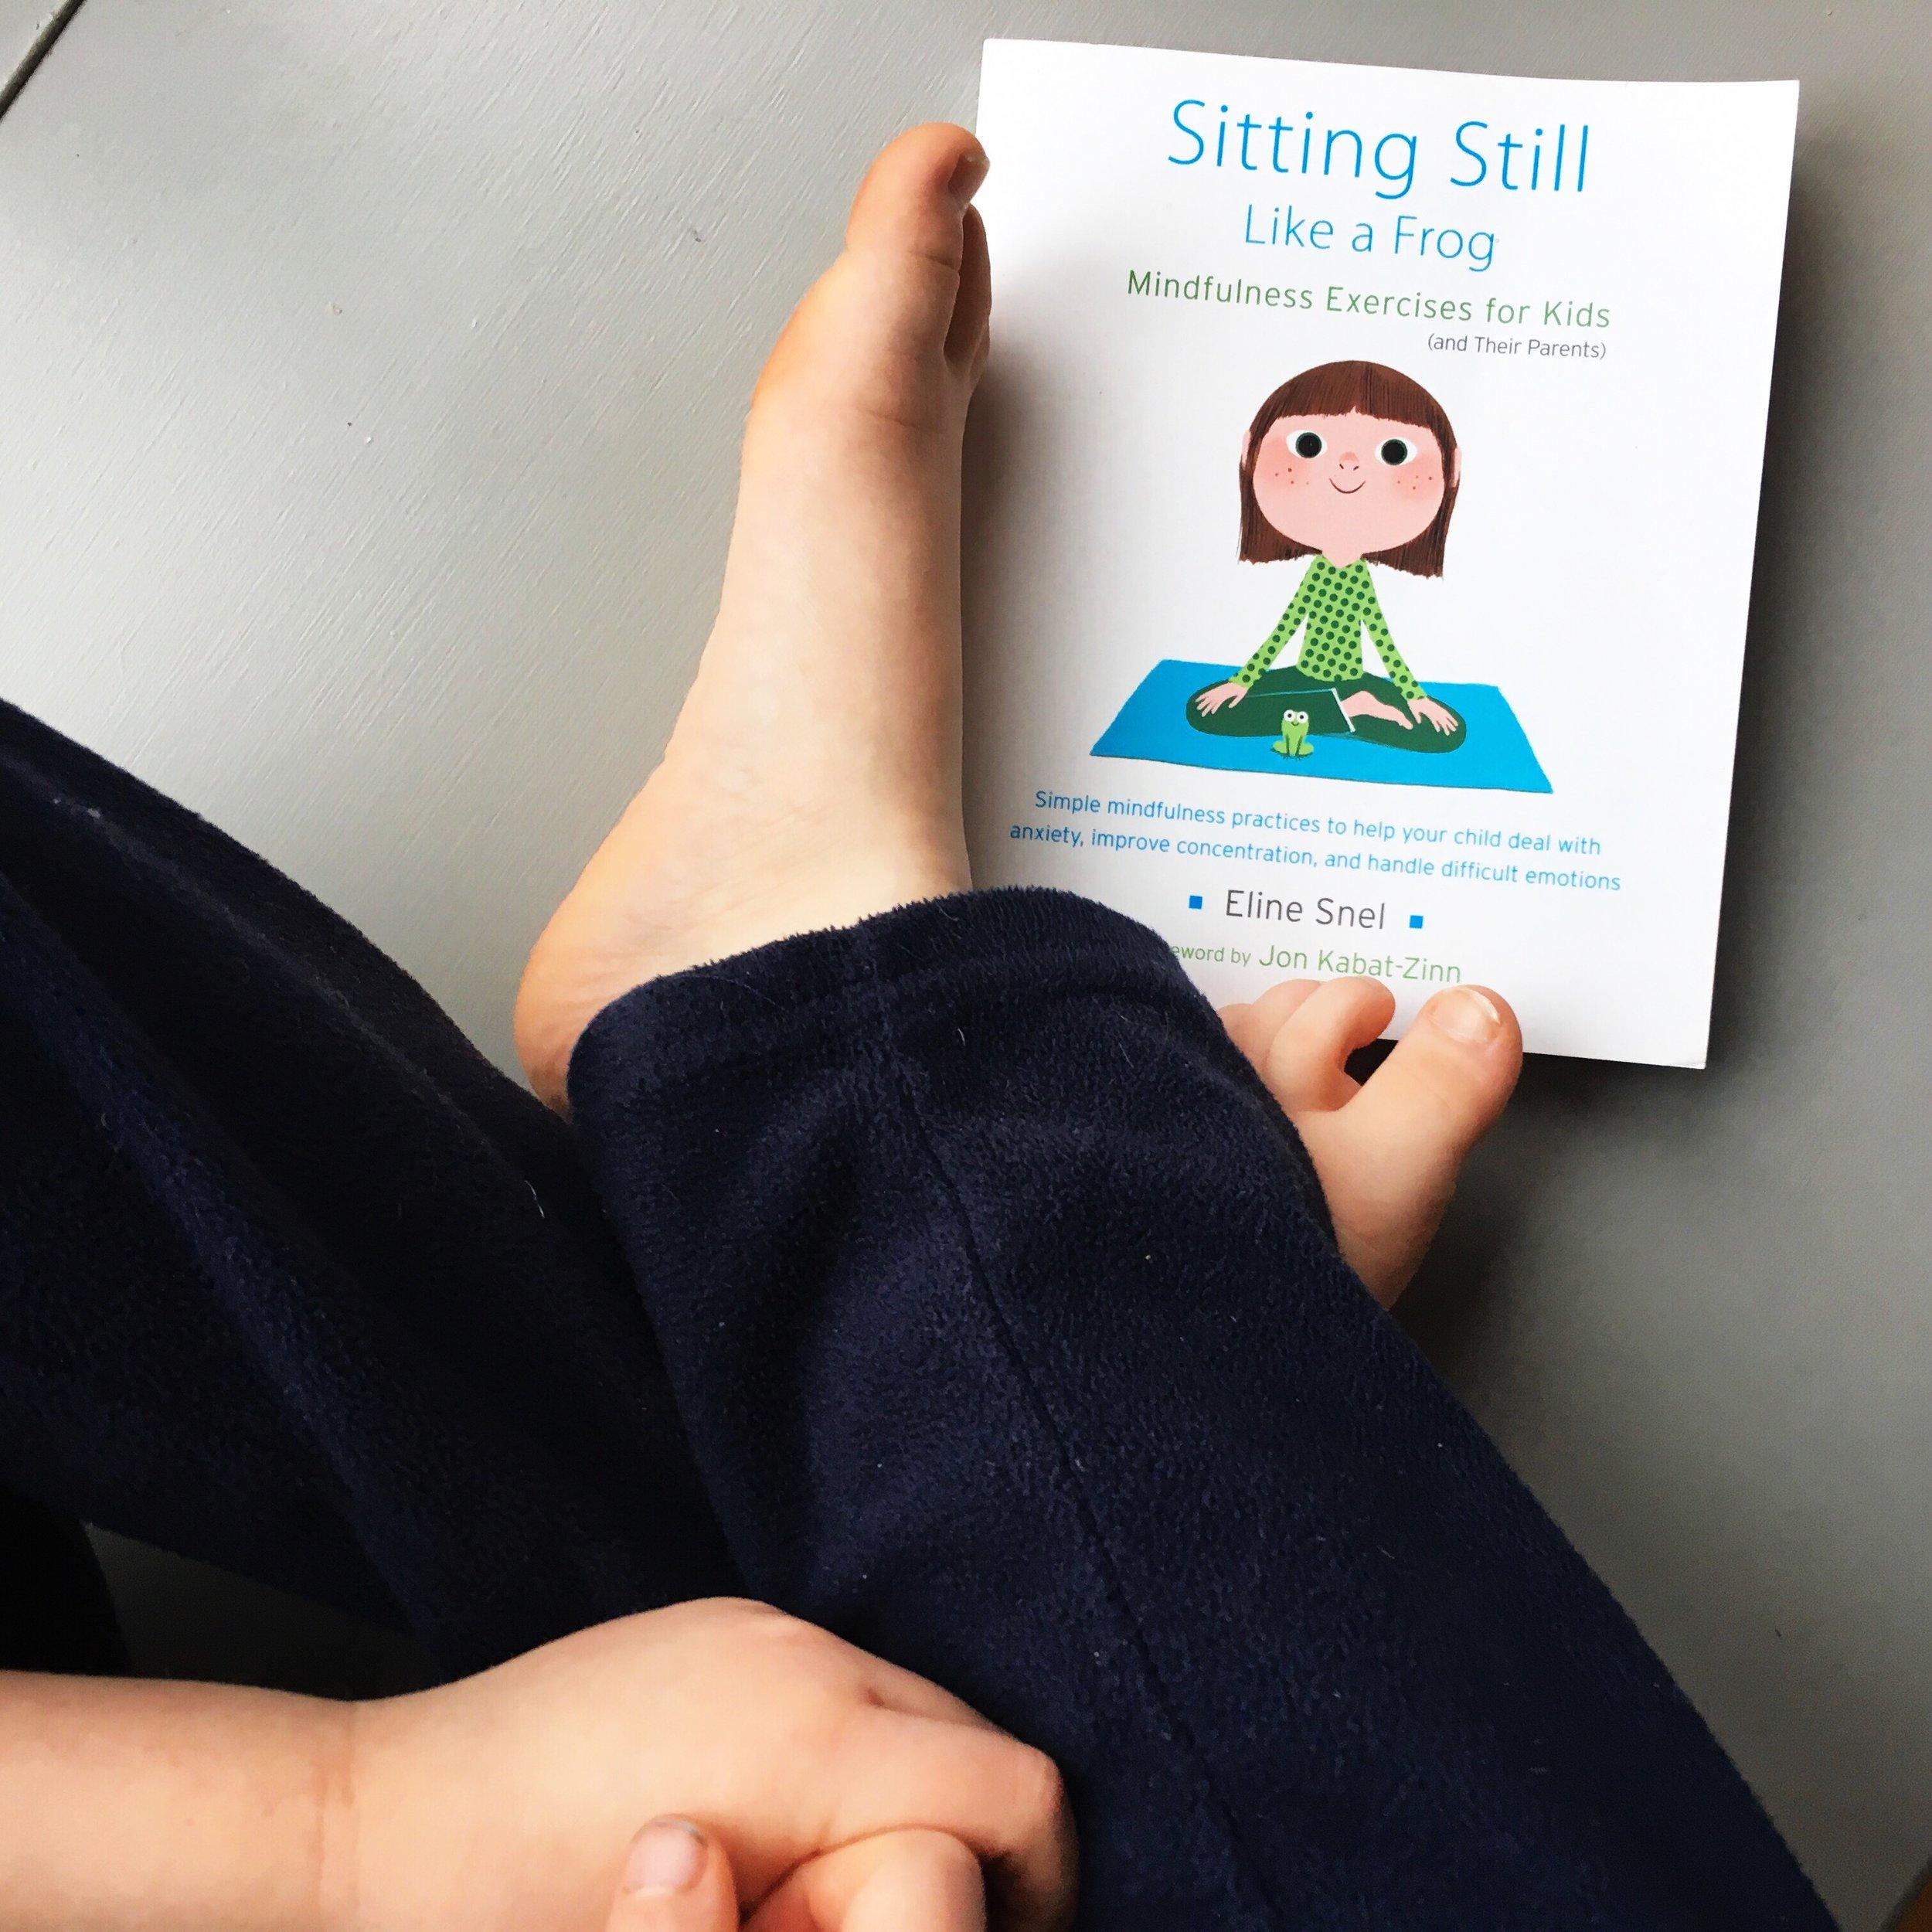 Sitting Still Like a Frog by Eline Snel